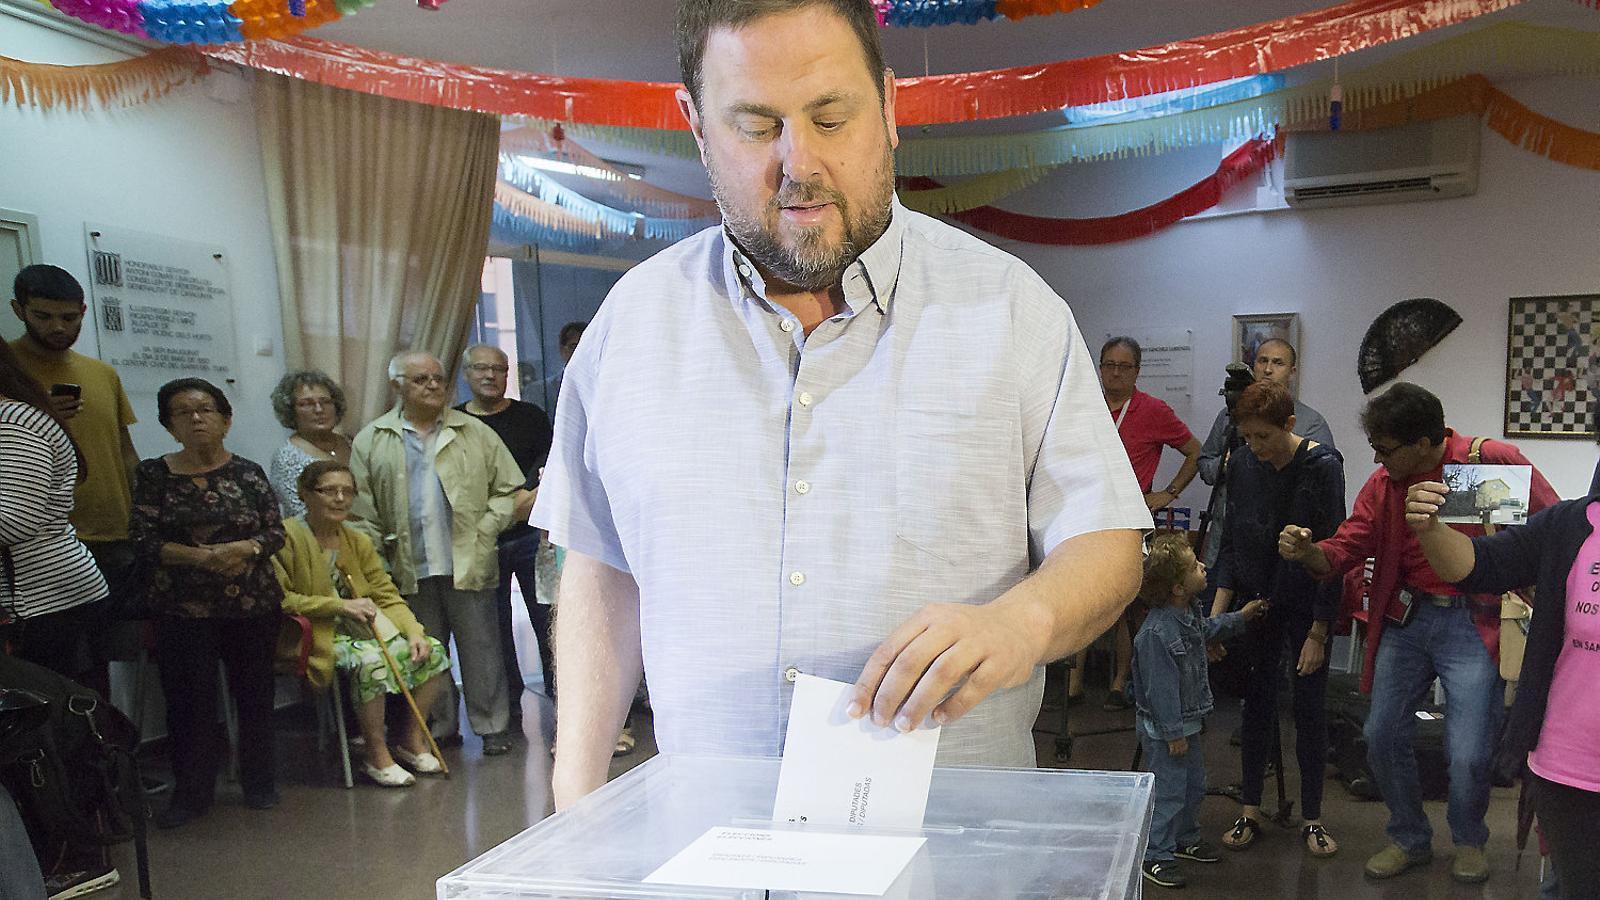 El president d'ERC, Oriol Junqueras, votant en les eleccions del 27 de setembre del 2015.